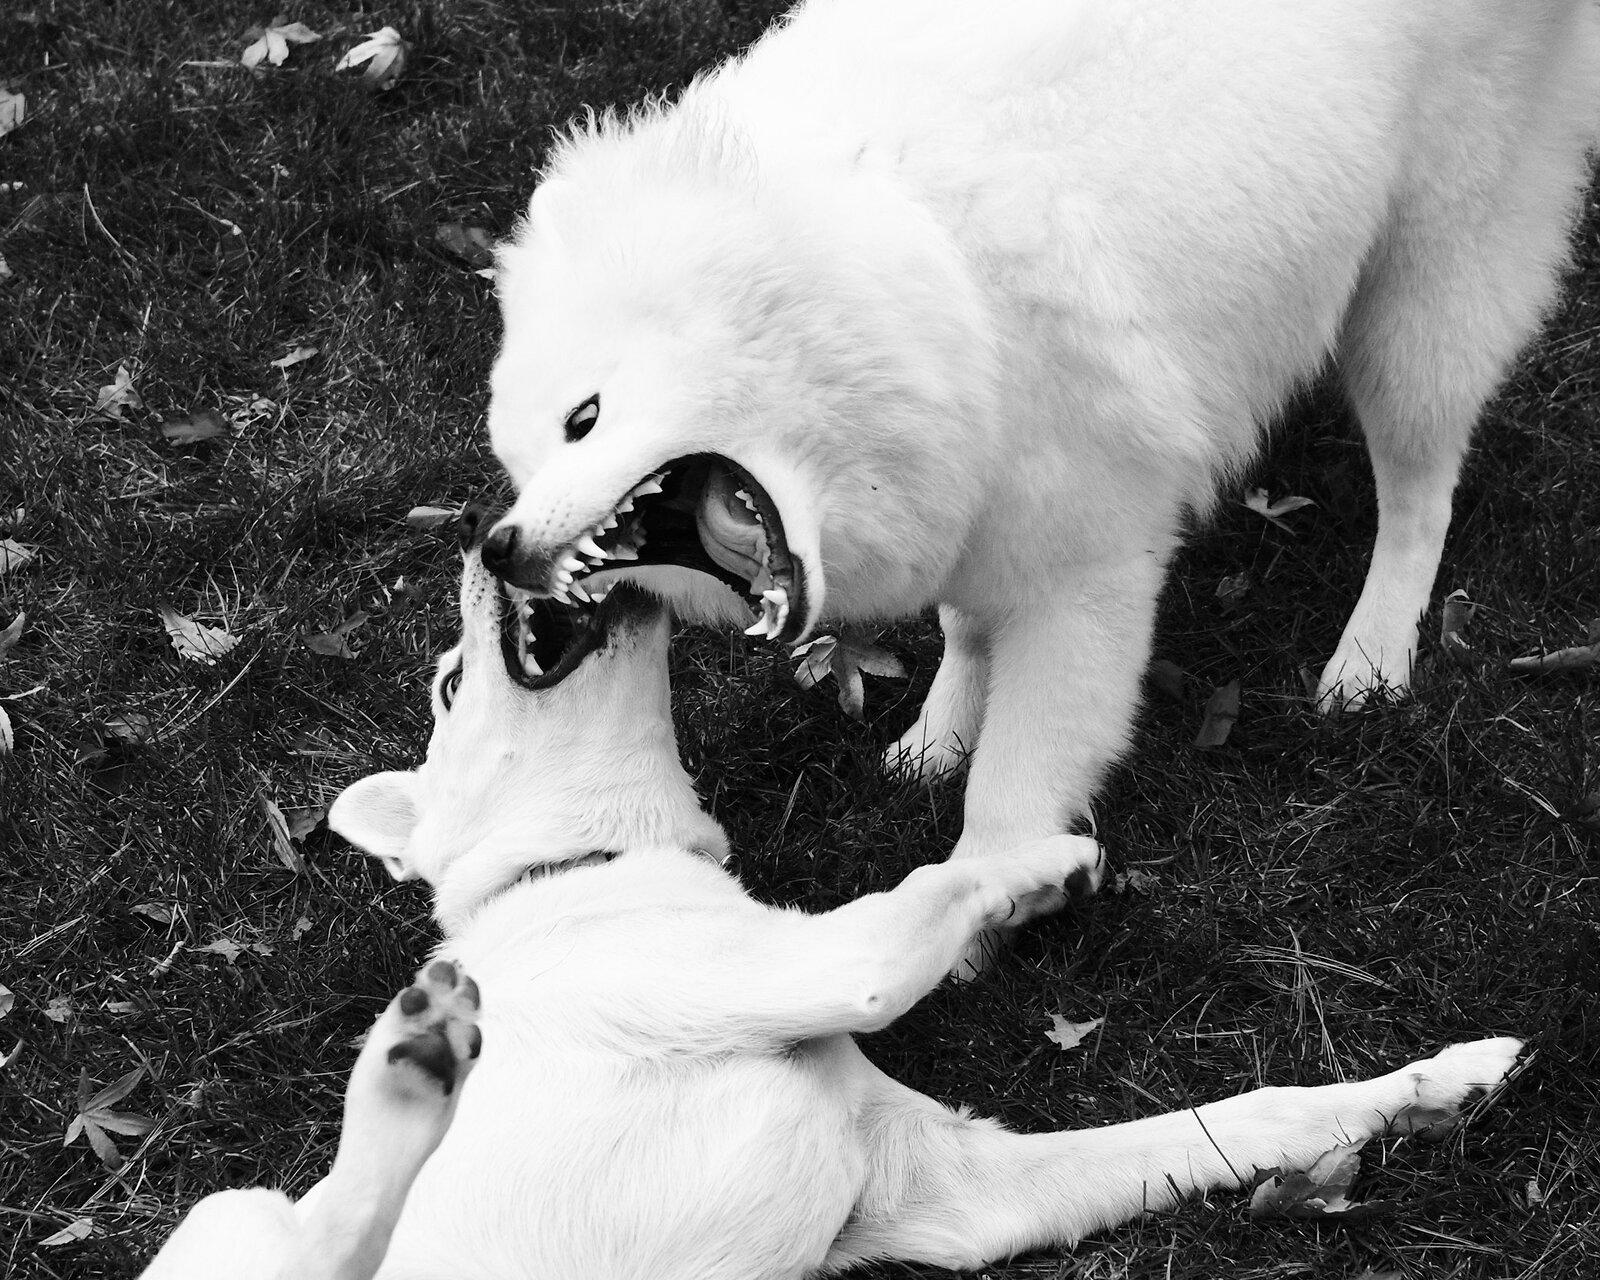 11-26-2020_thxgiving_dogs_X1008892.jpg